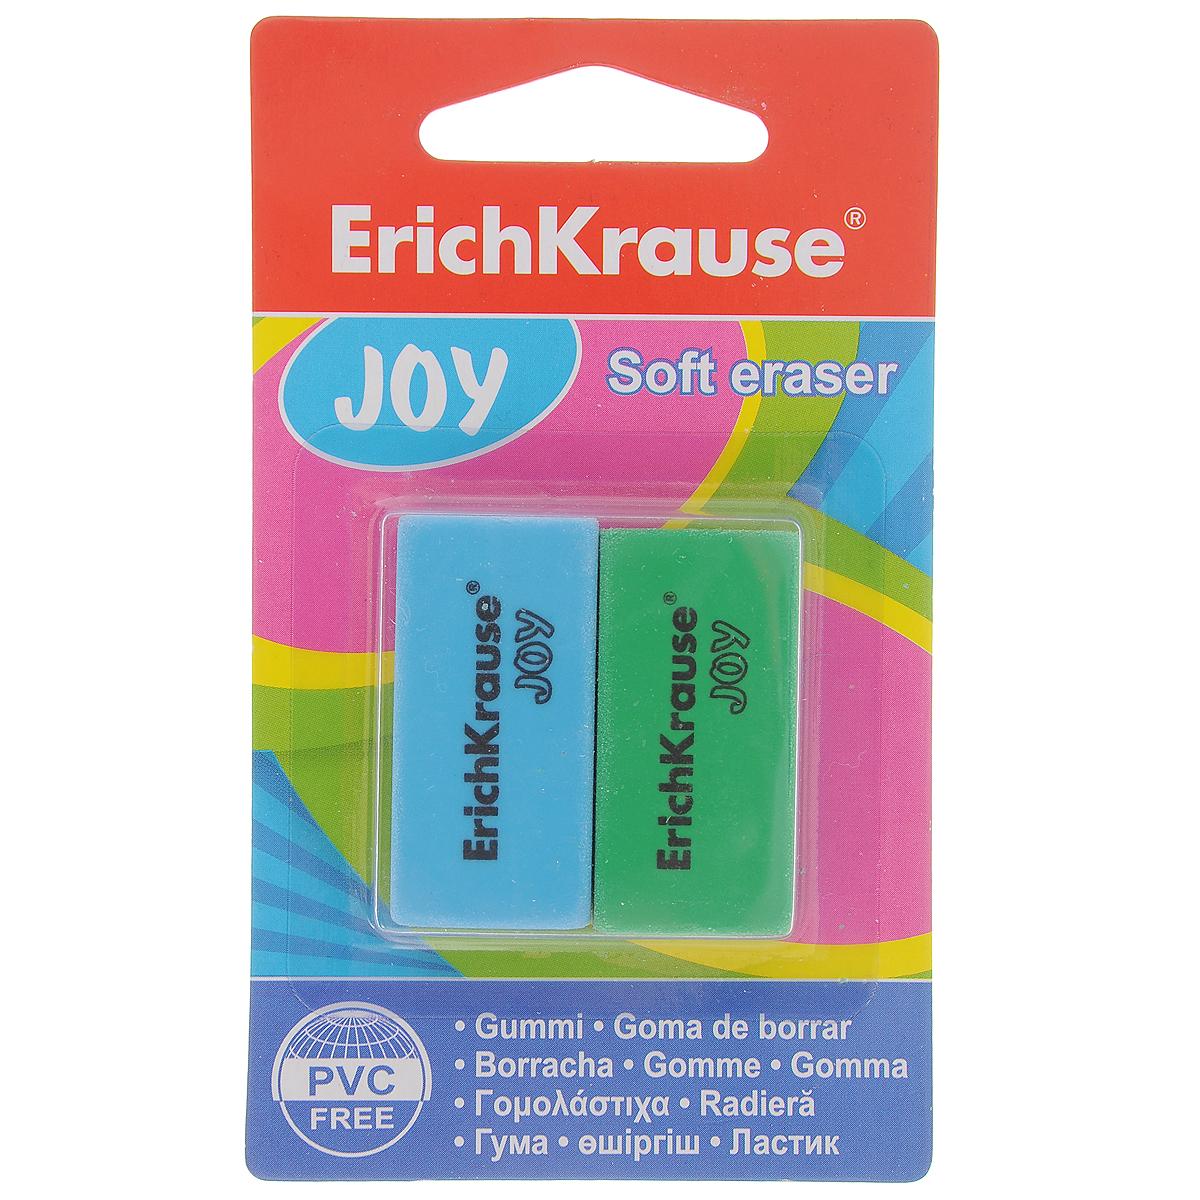 Набор ластиков Erich Krause Joy, 2 шт factis набор мягких ластиков цвет белый 2 шт